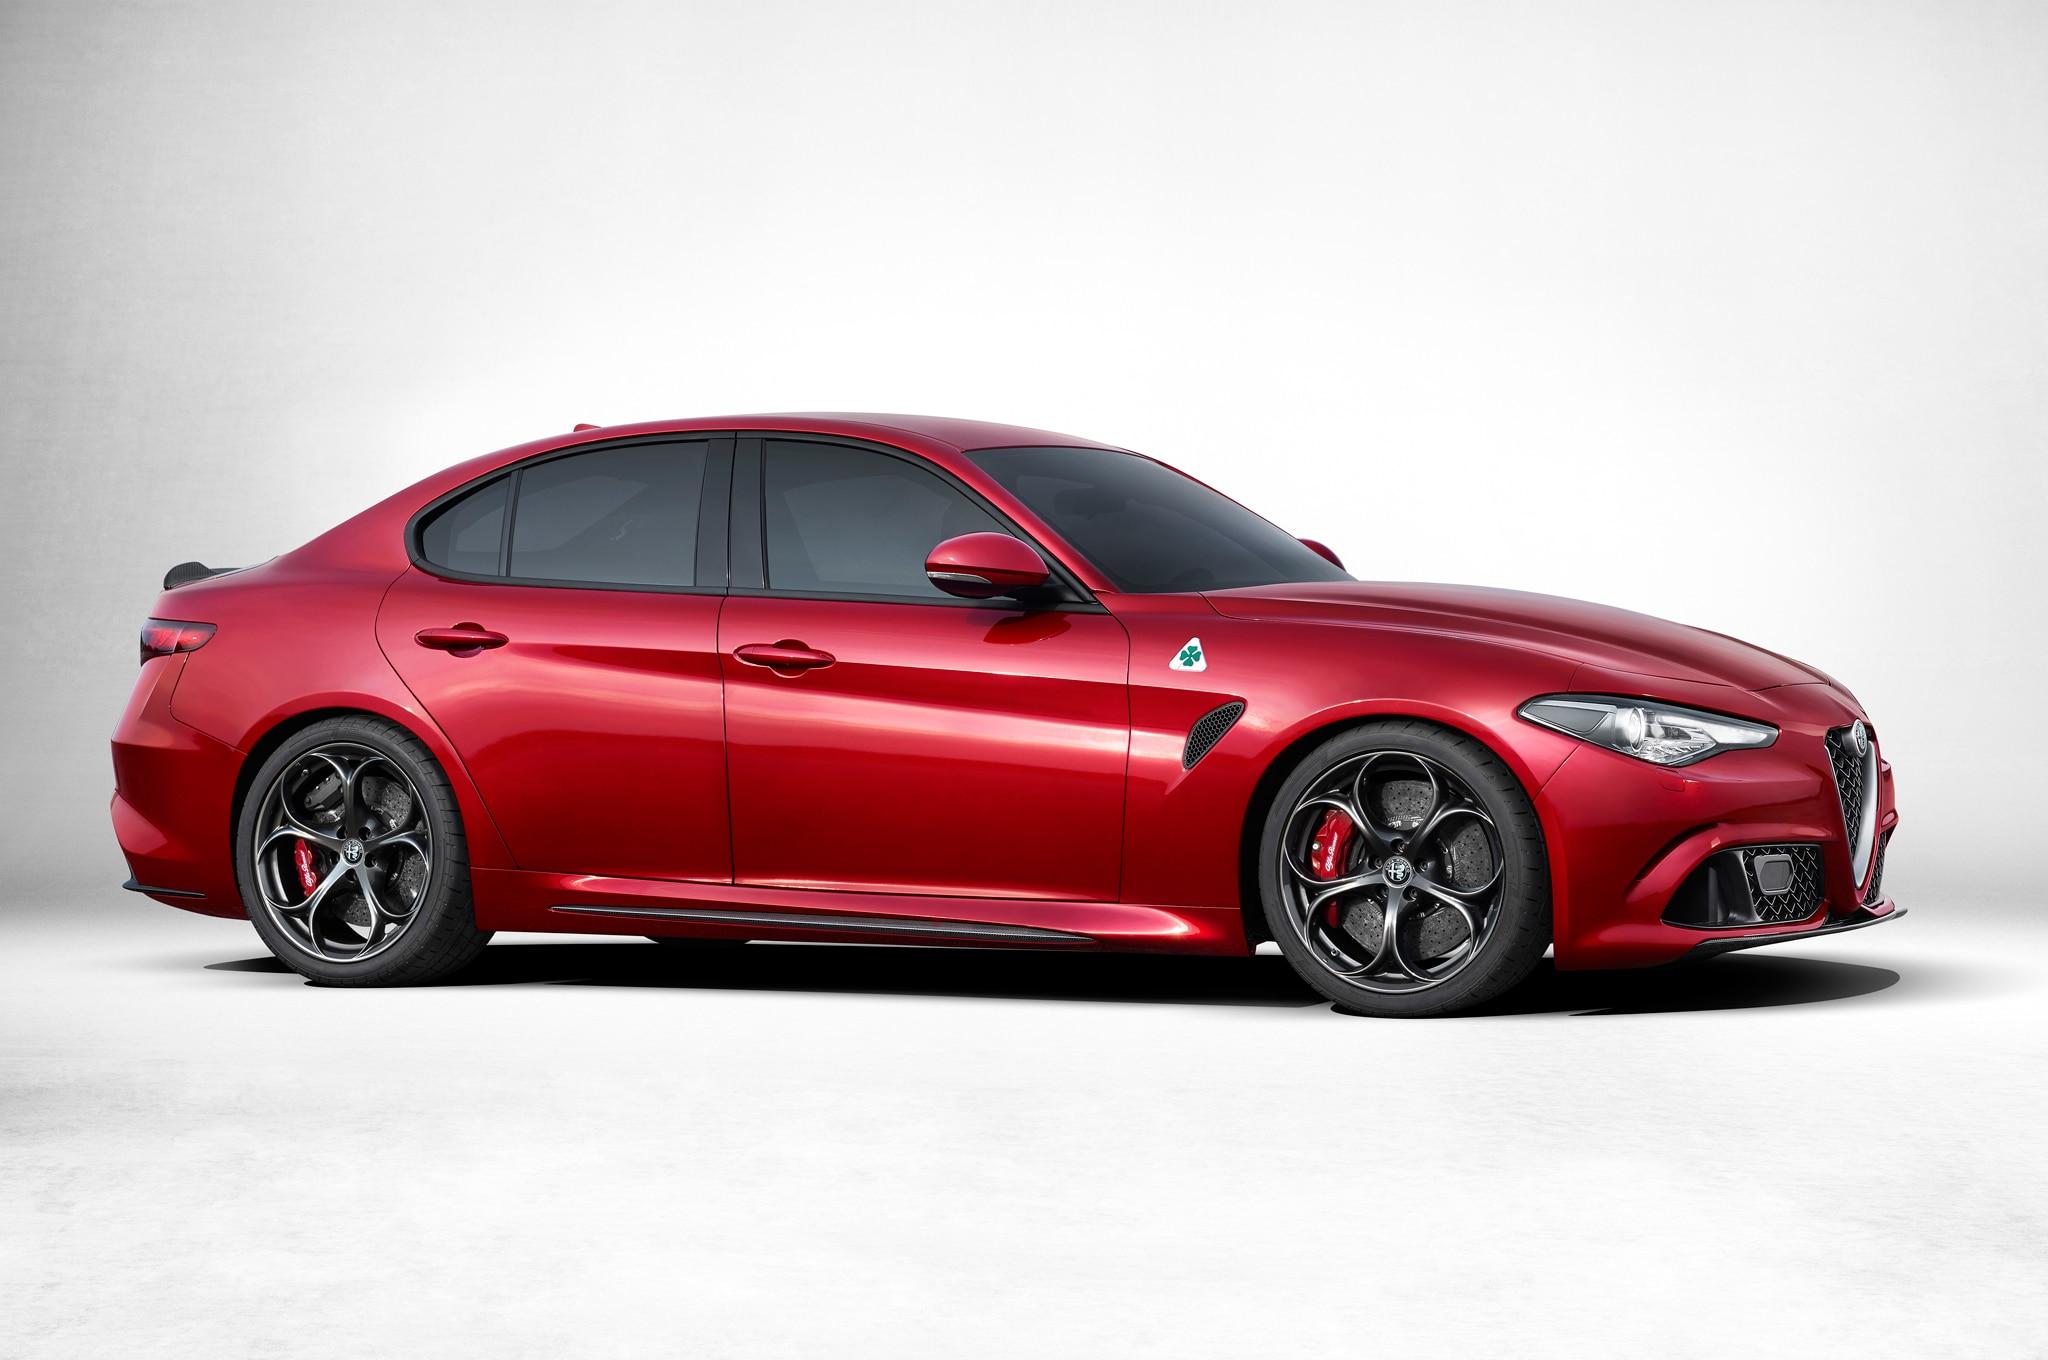 Alfa Romeo Giulia Side Profile1